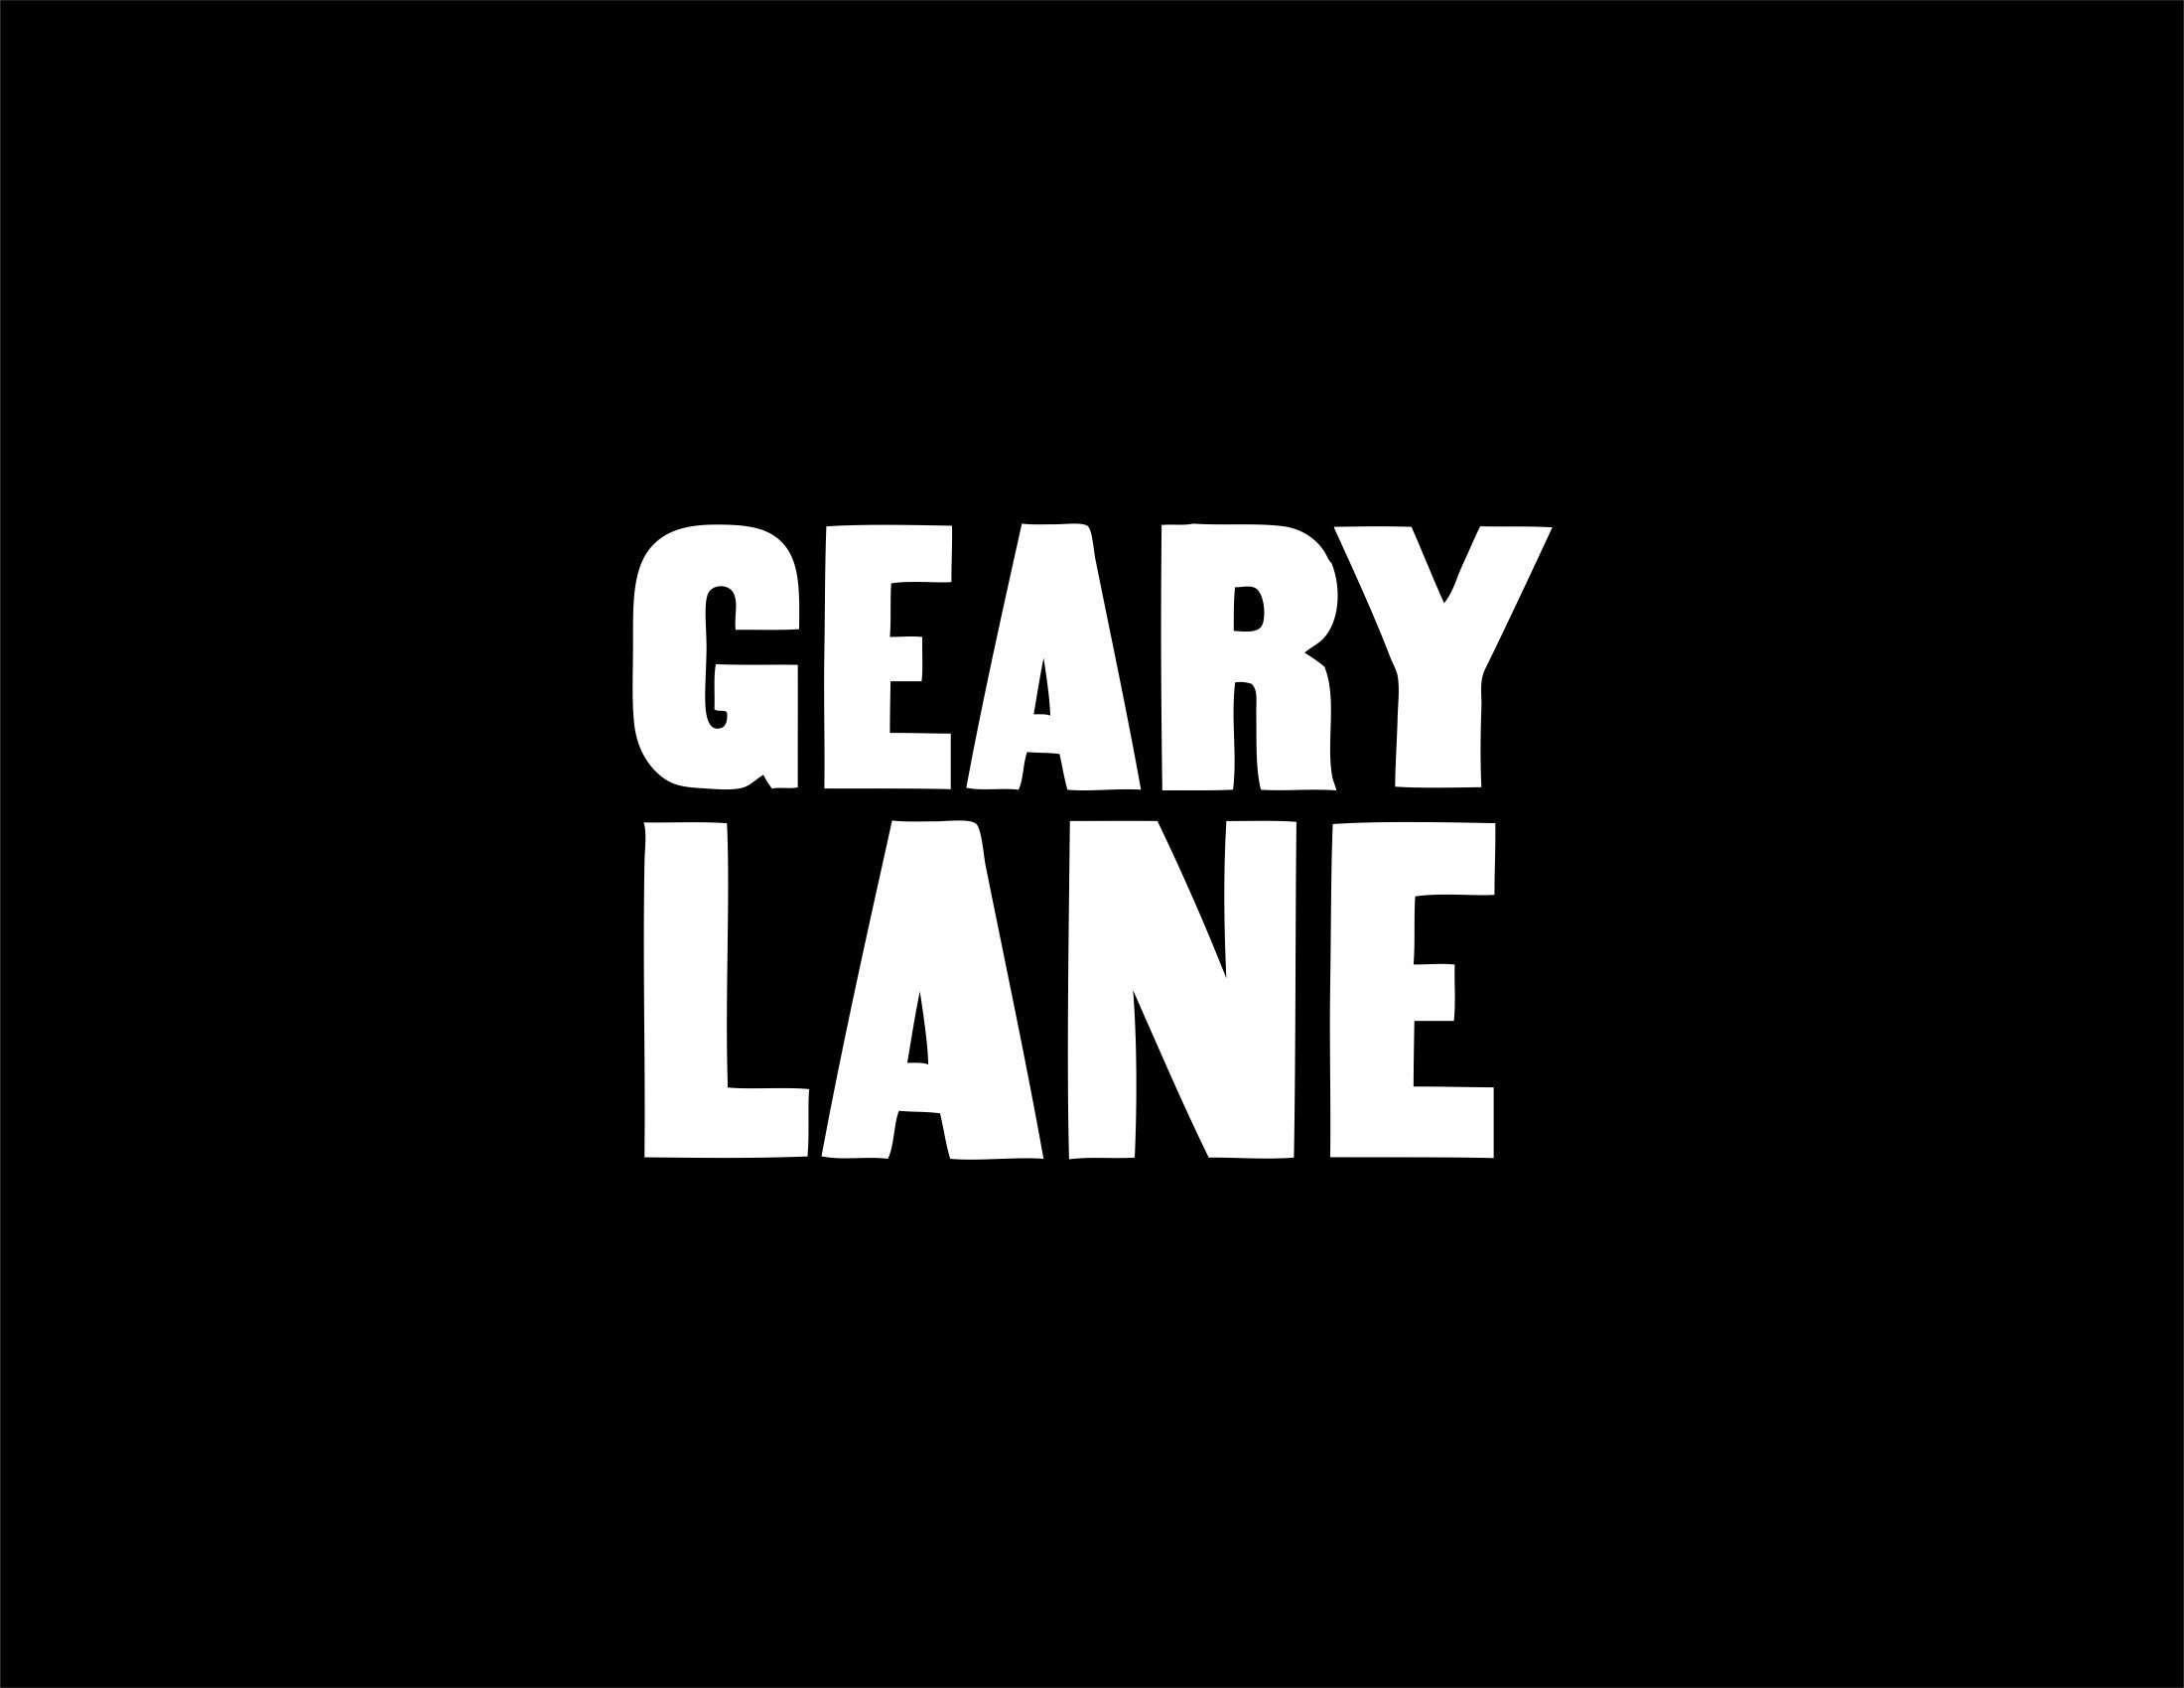 Geary Lane